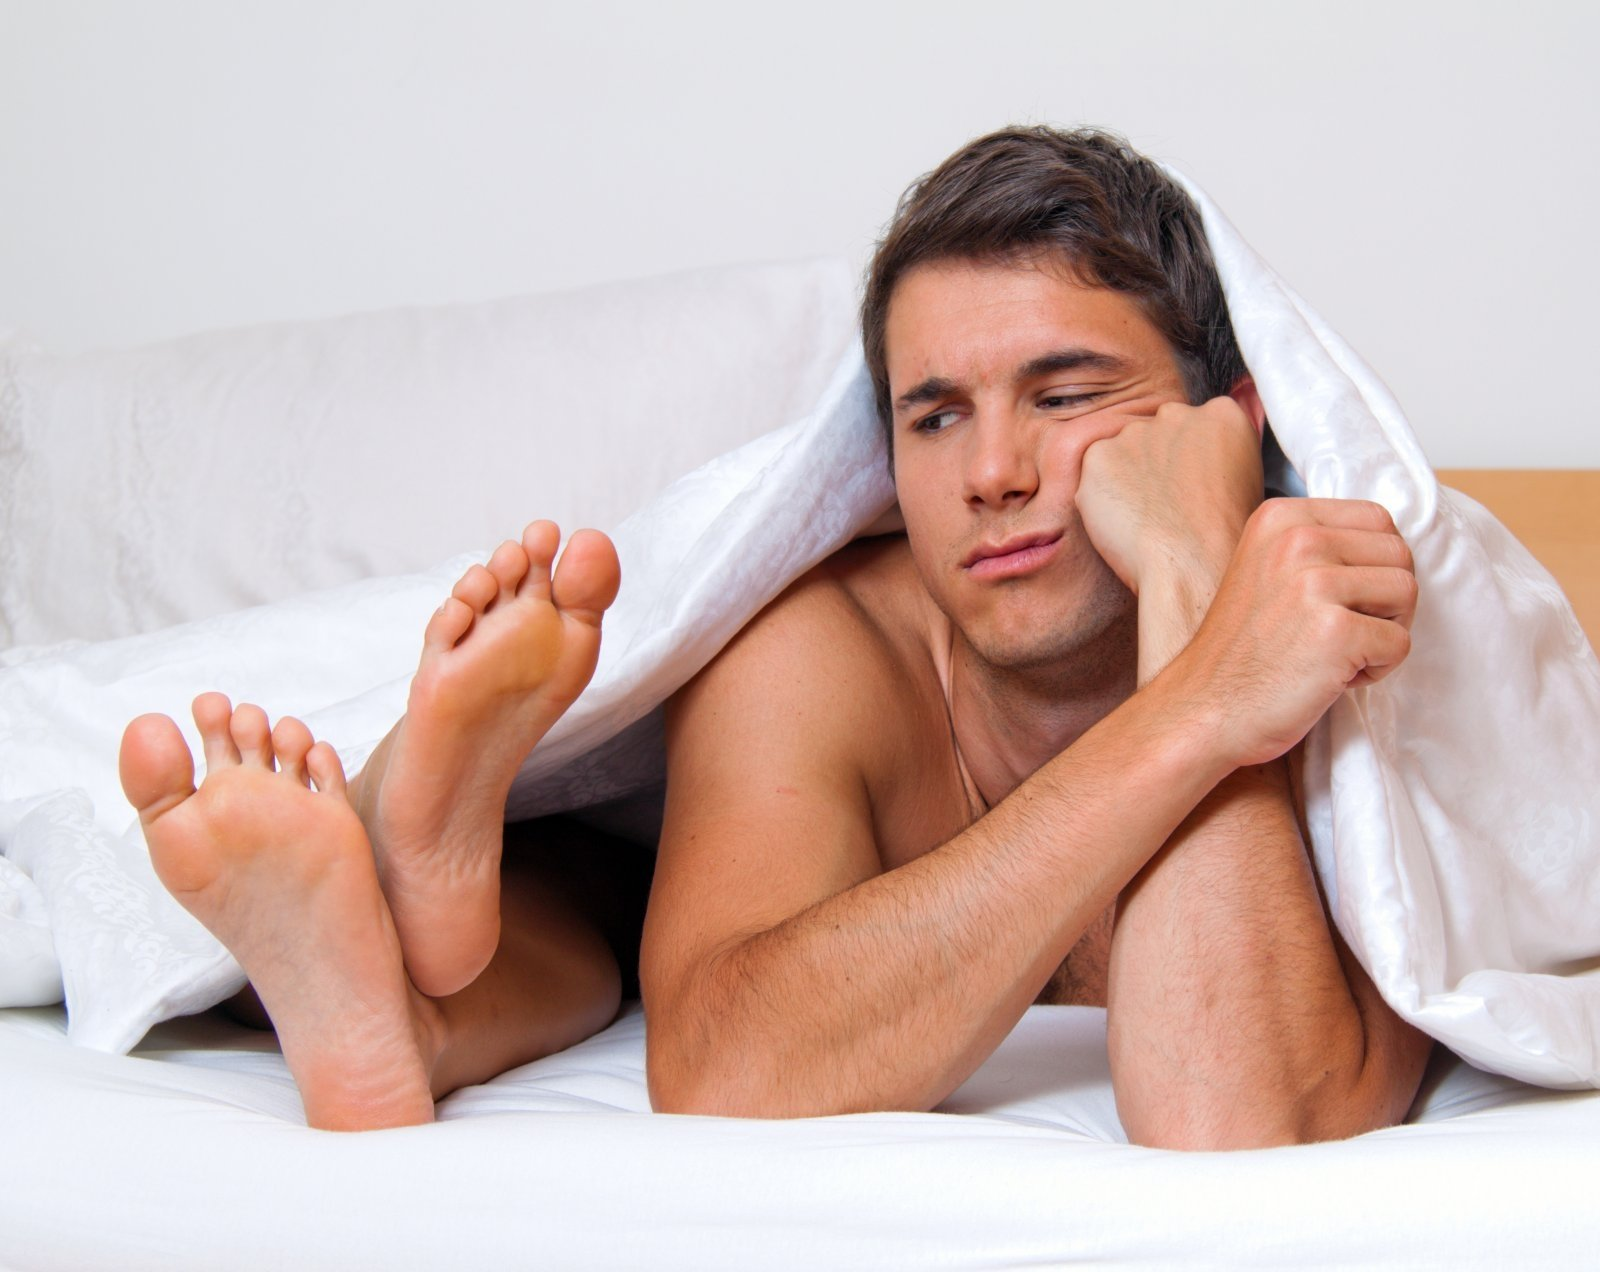 priemone didinti narius erekcijos sėklidės metu